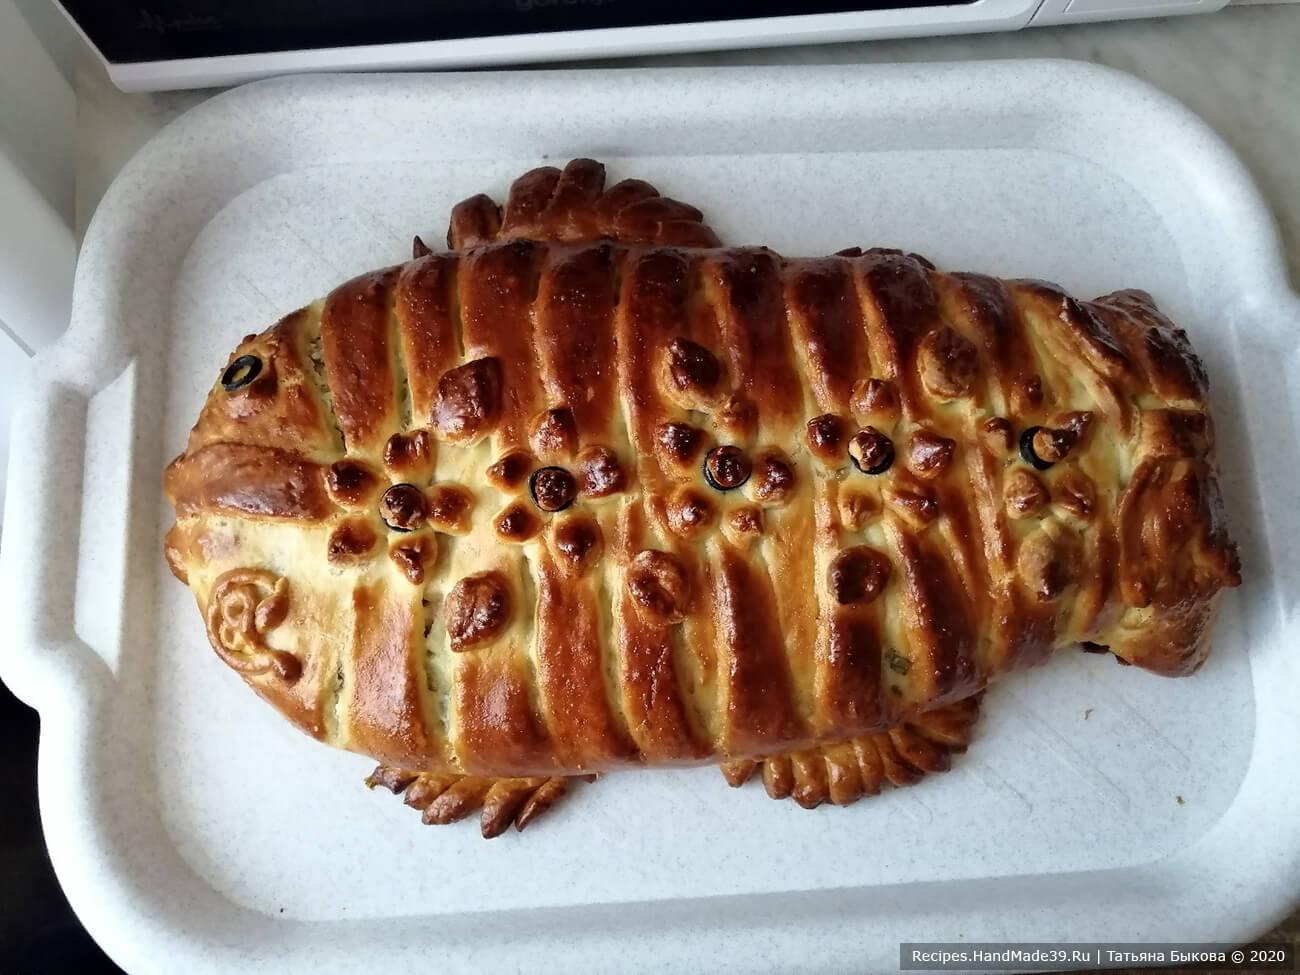 Рыбный пирог из венского теста выпекать в течение 30-35 минут в хорошо разогретой духовке